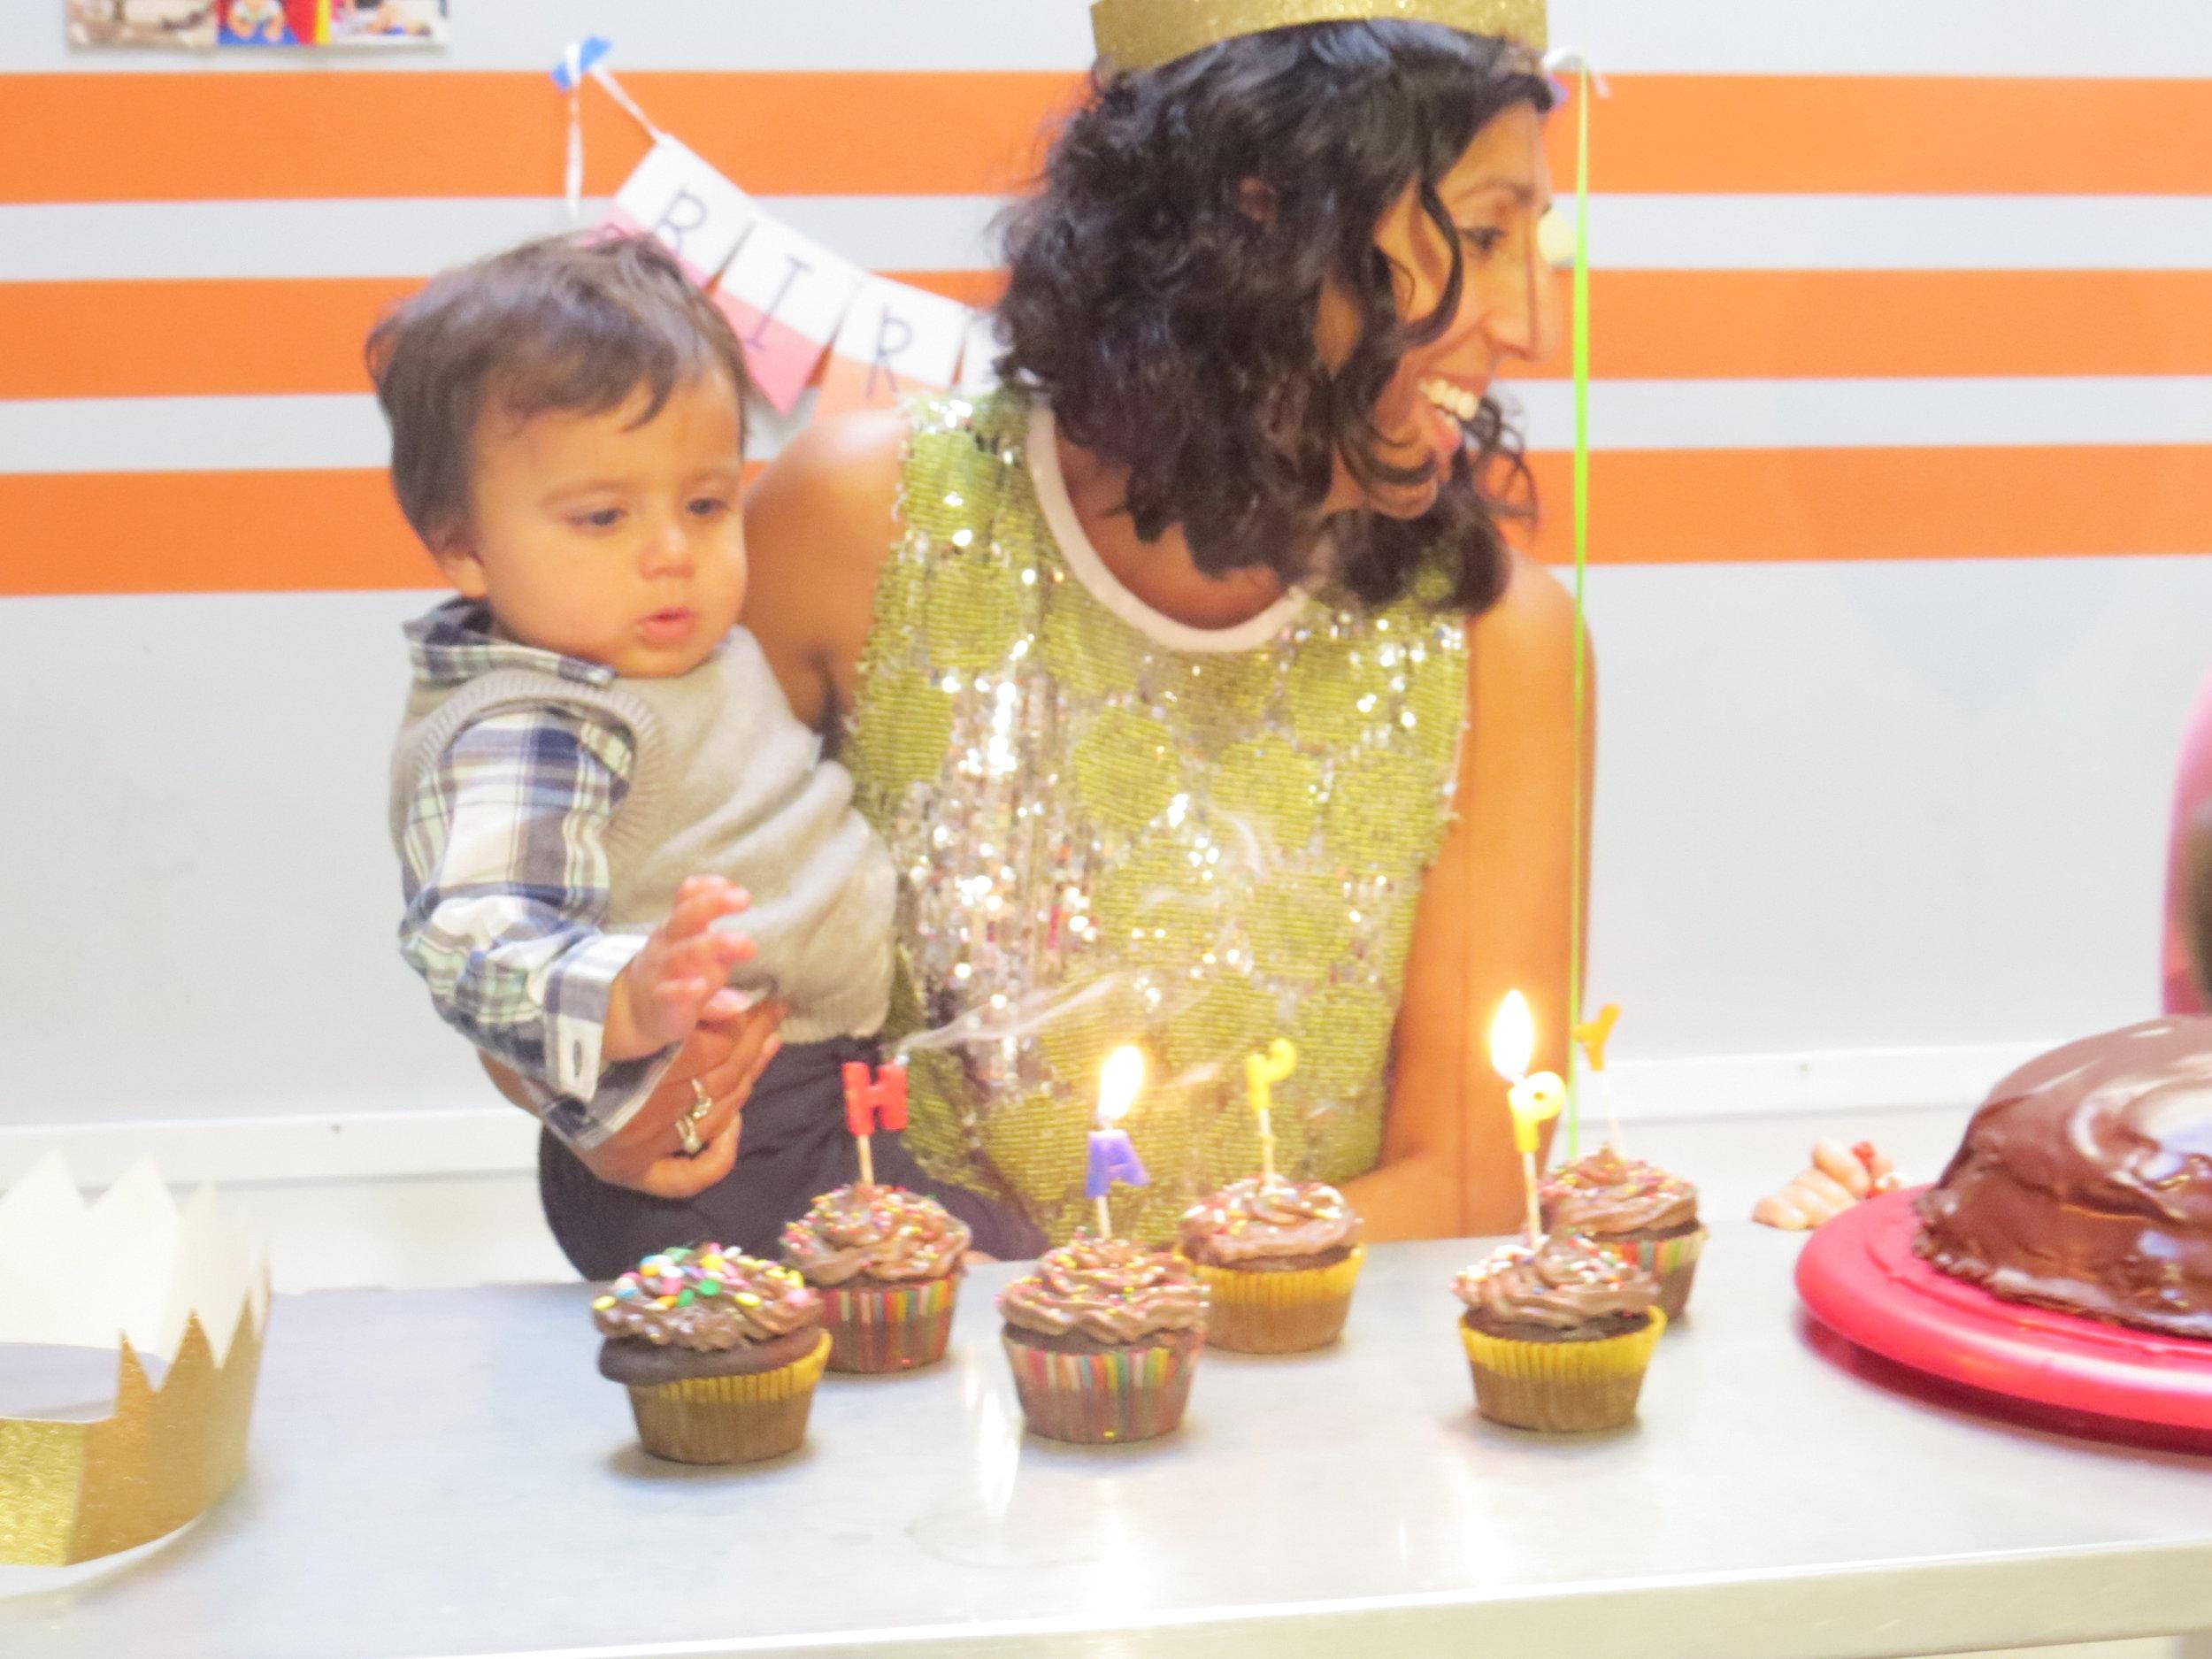 Shaila and her son Remi at a birthday party. Photo by Shashi Kotadia.